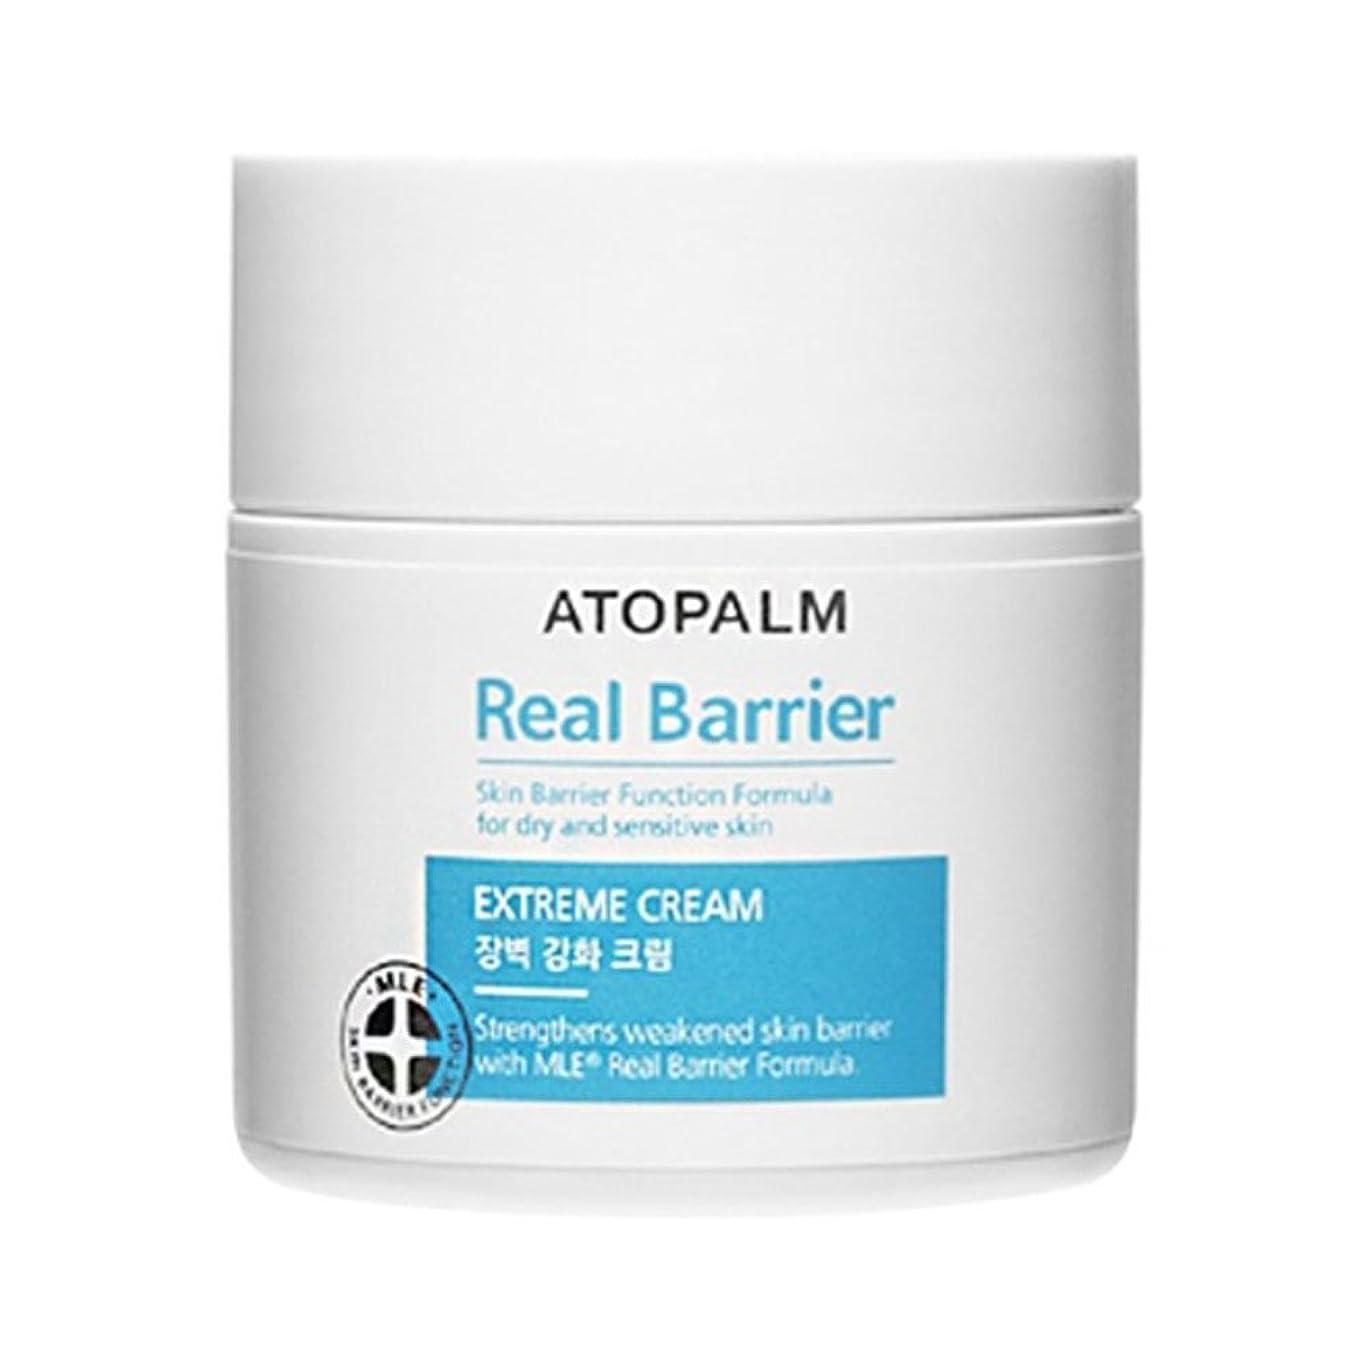 について伝統ページェントアトファムリアルバリア?エクストリームクリーム50ml、韓国化粧品 ATOPALM Real Barrier Extream Cream 50ml, Korean Cosmetics [並行輸入品]